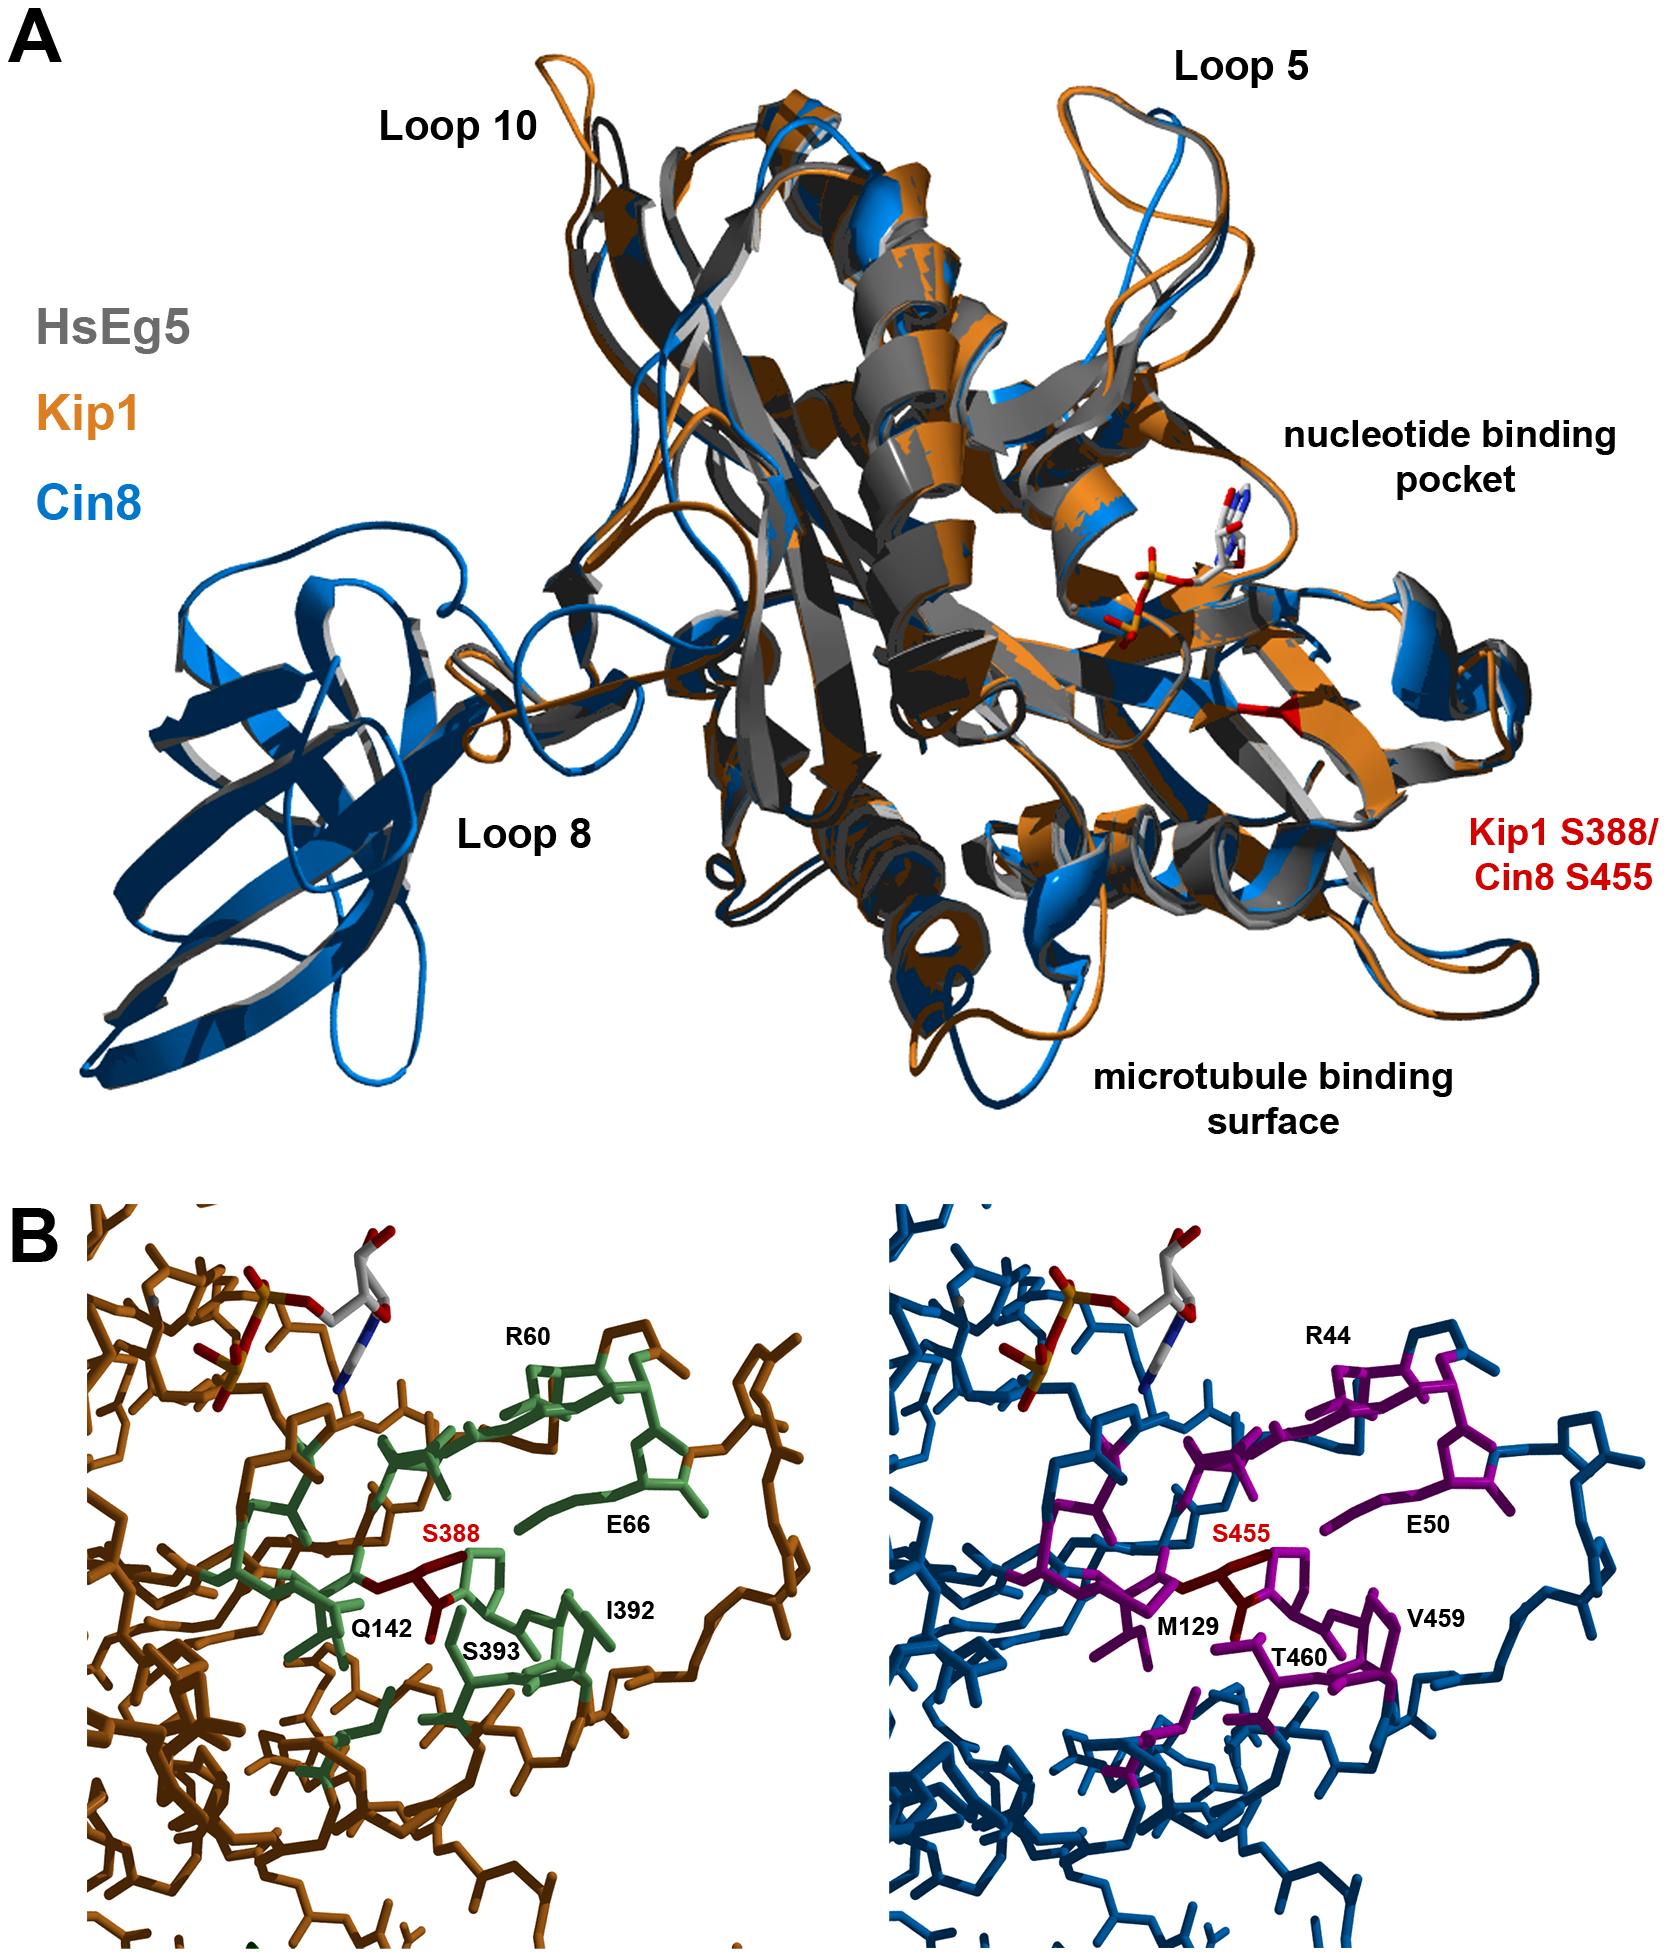 Homology models of Kip1 and Cin8 motor domains bound to MgADP.